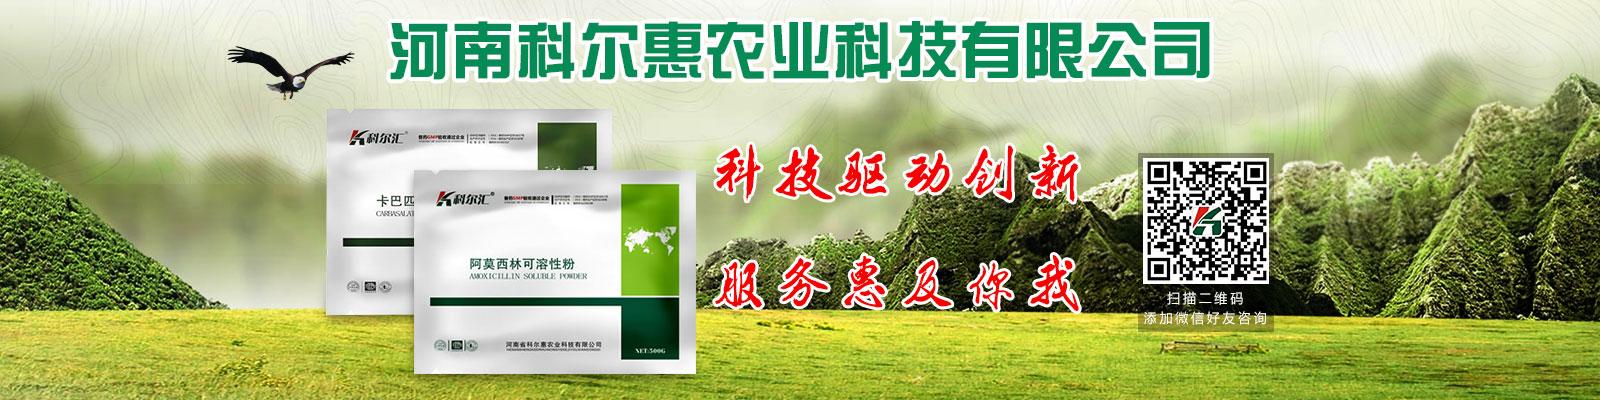 河南科尔惠农业科技有限公司